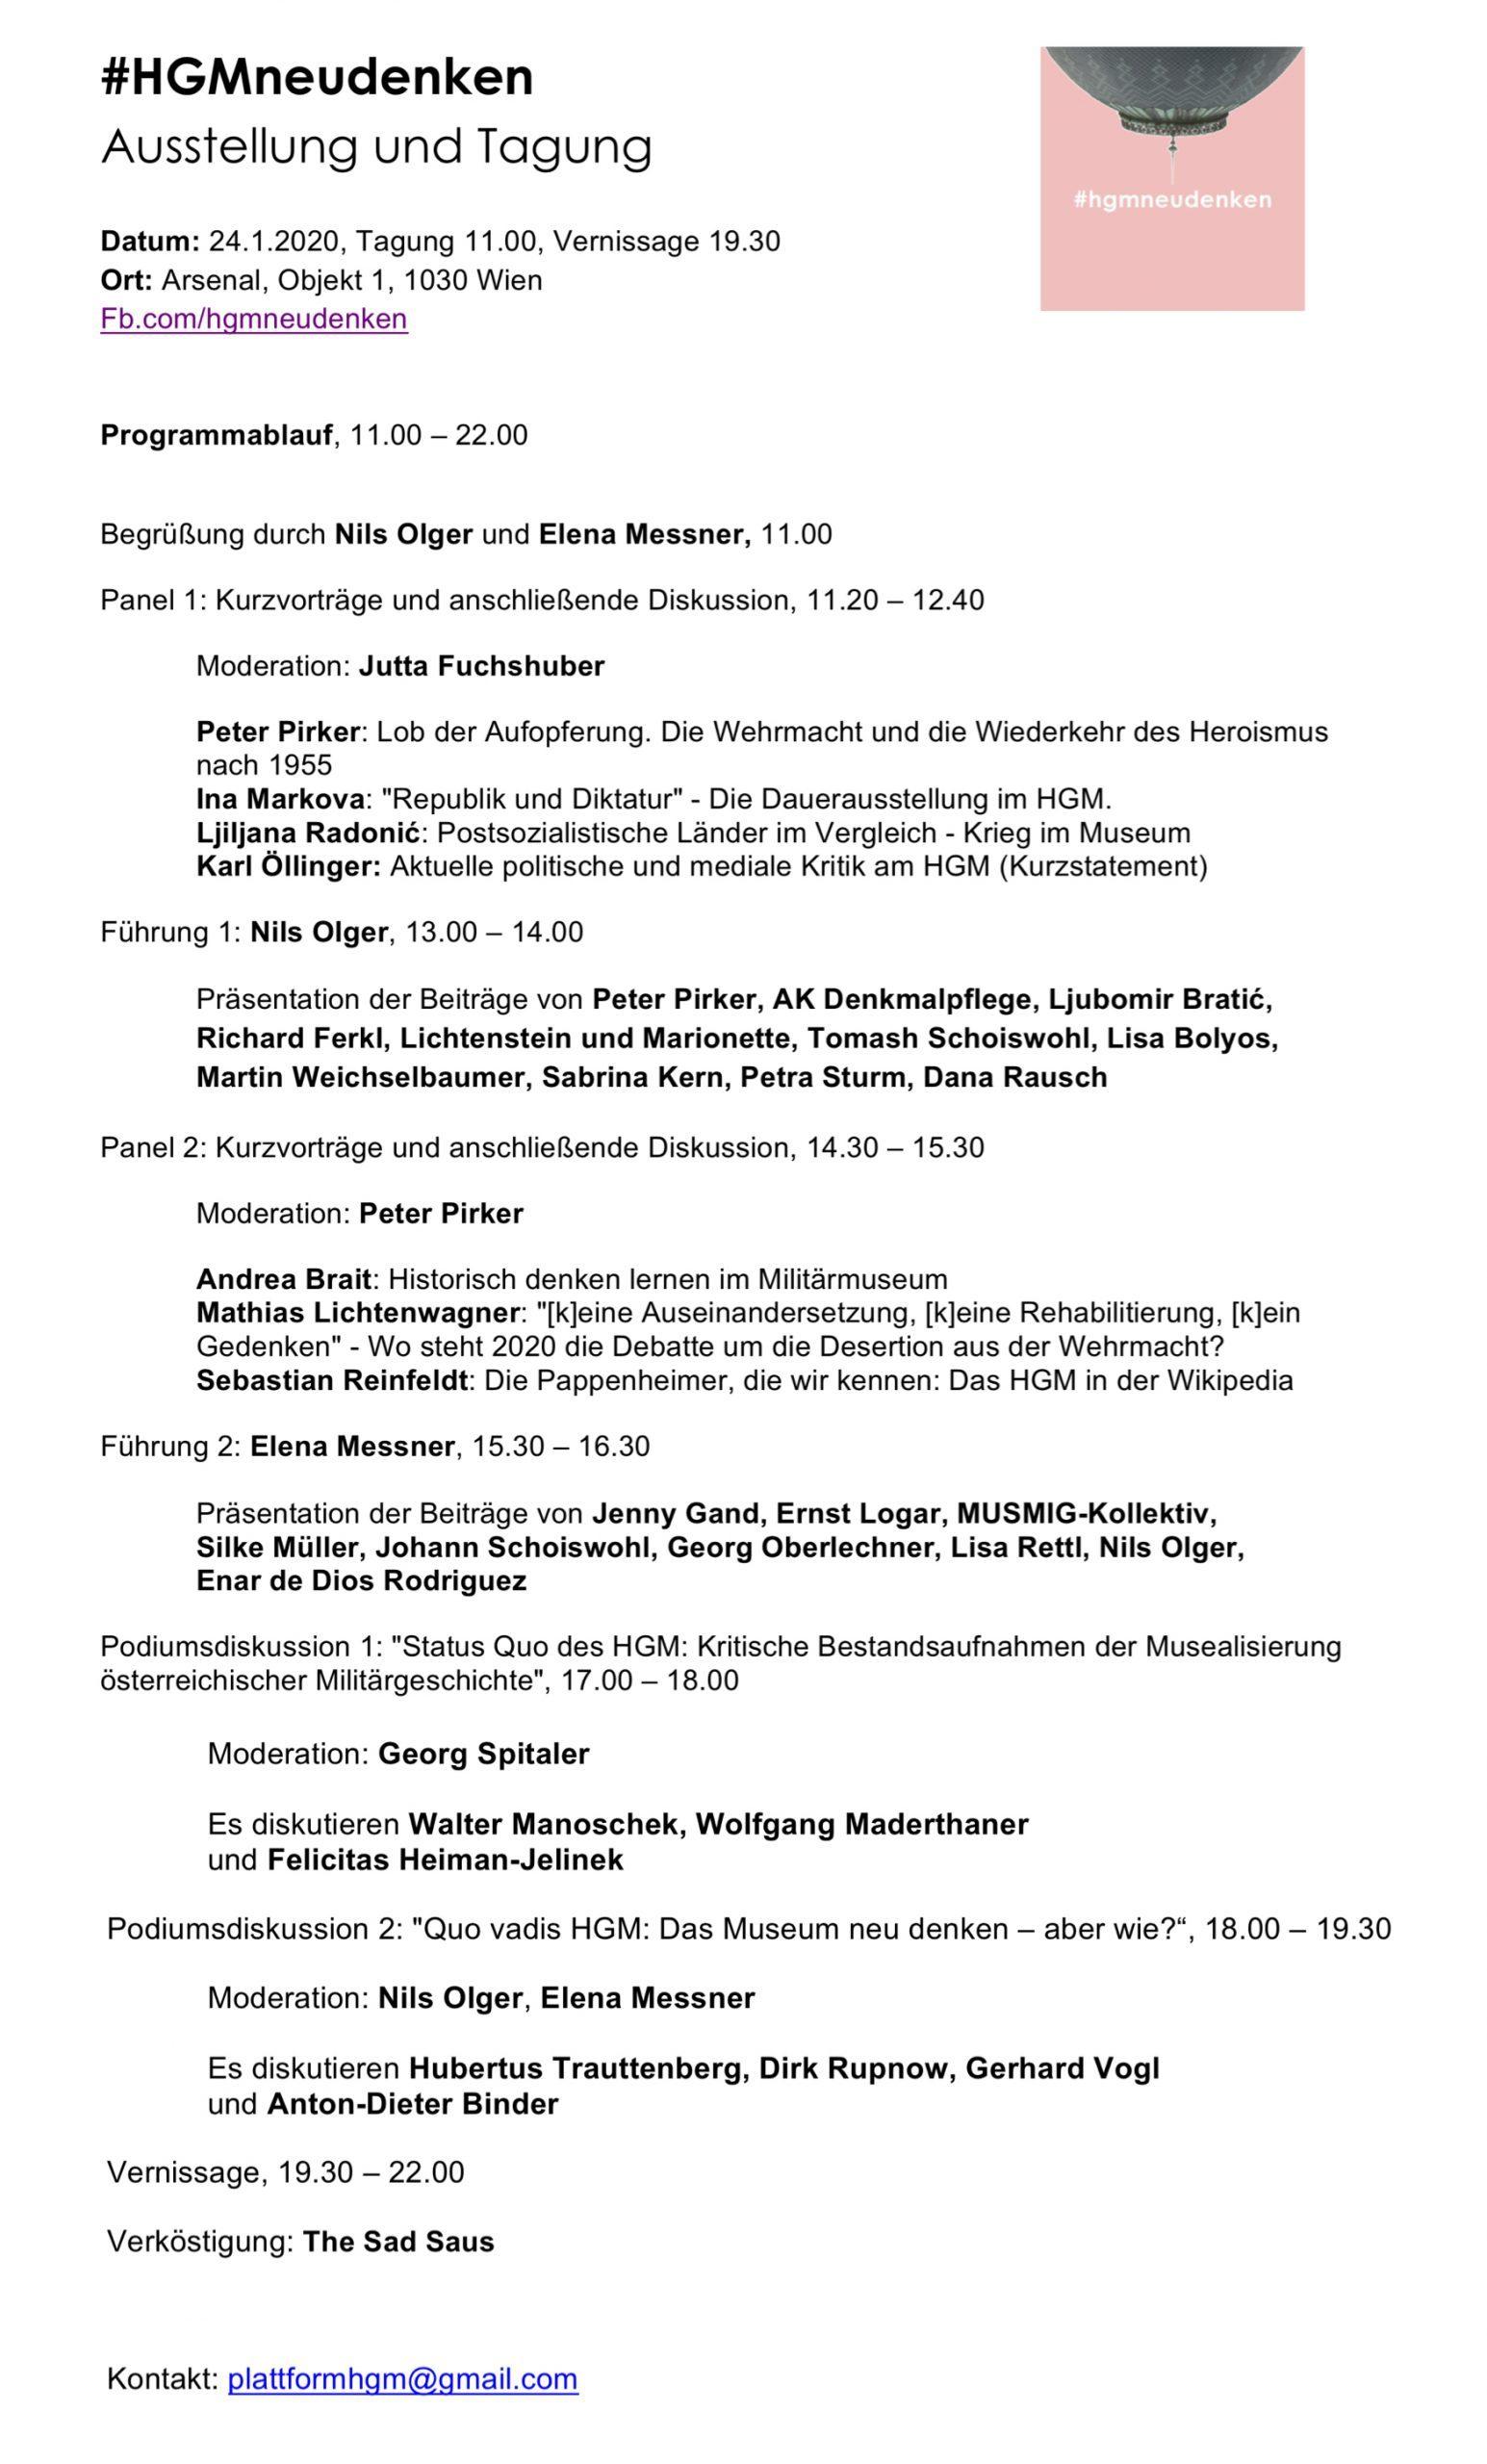 Programm HGMneudenken, 24.1.2020, Arsenal